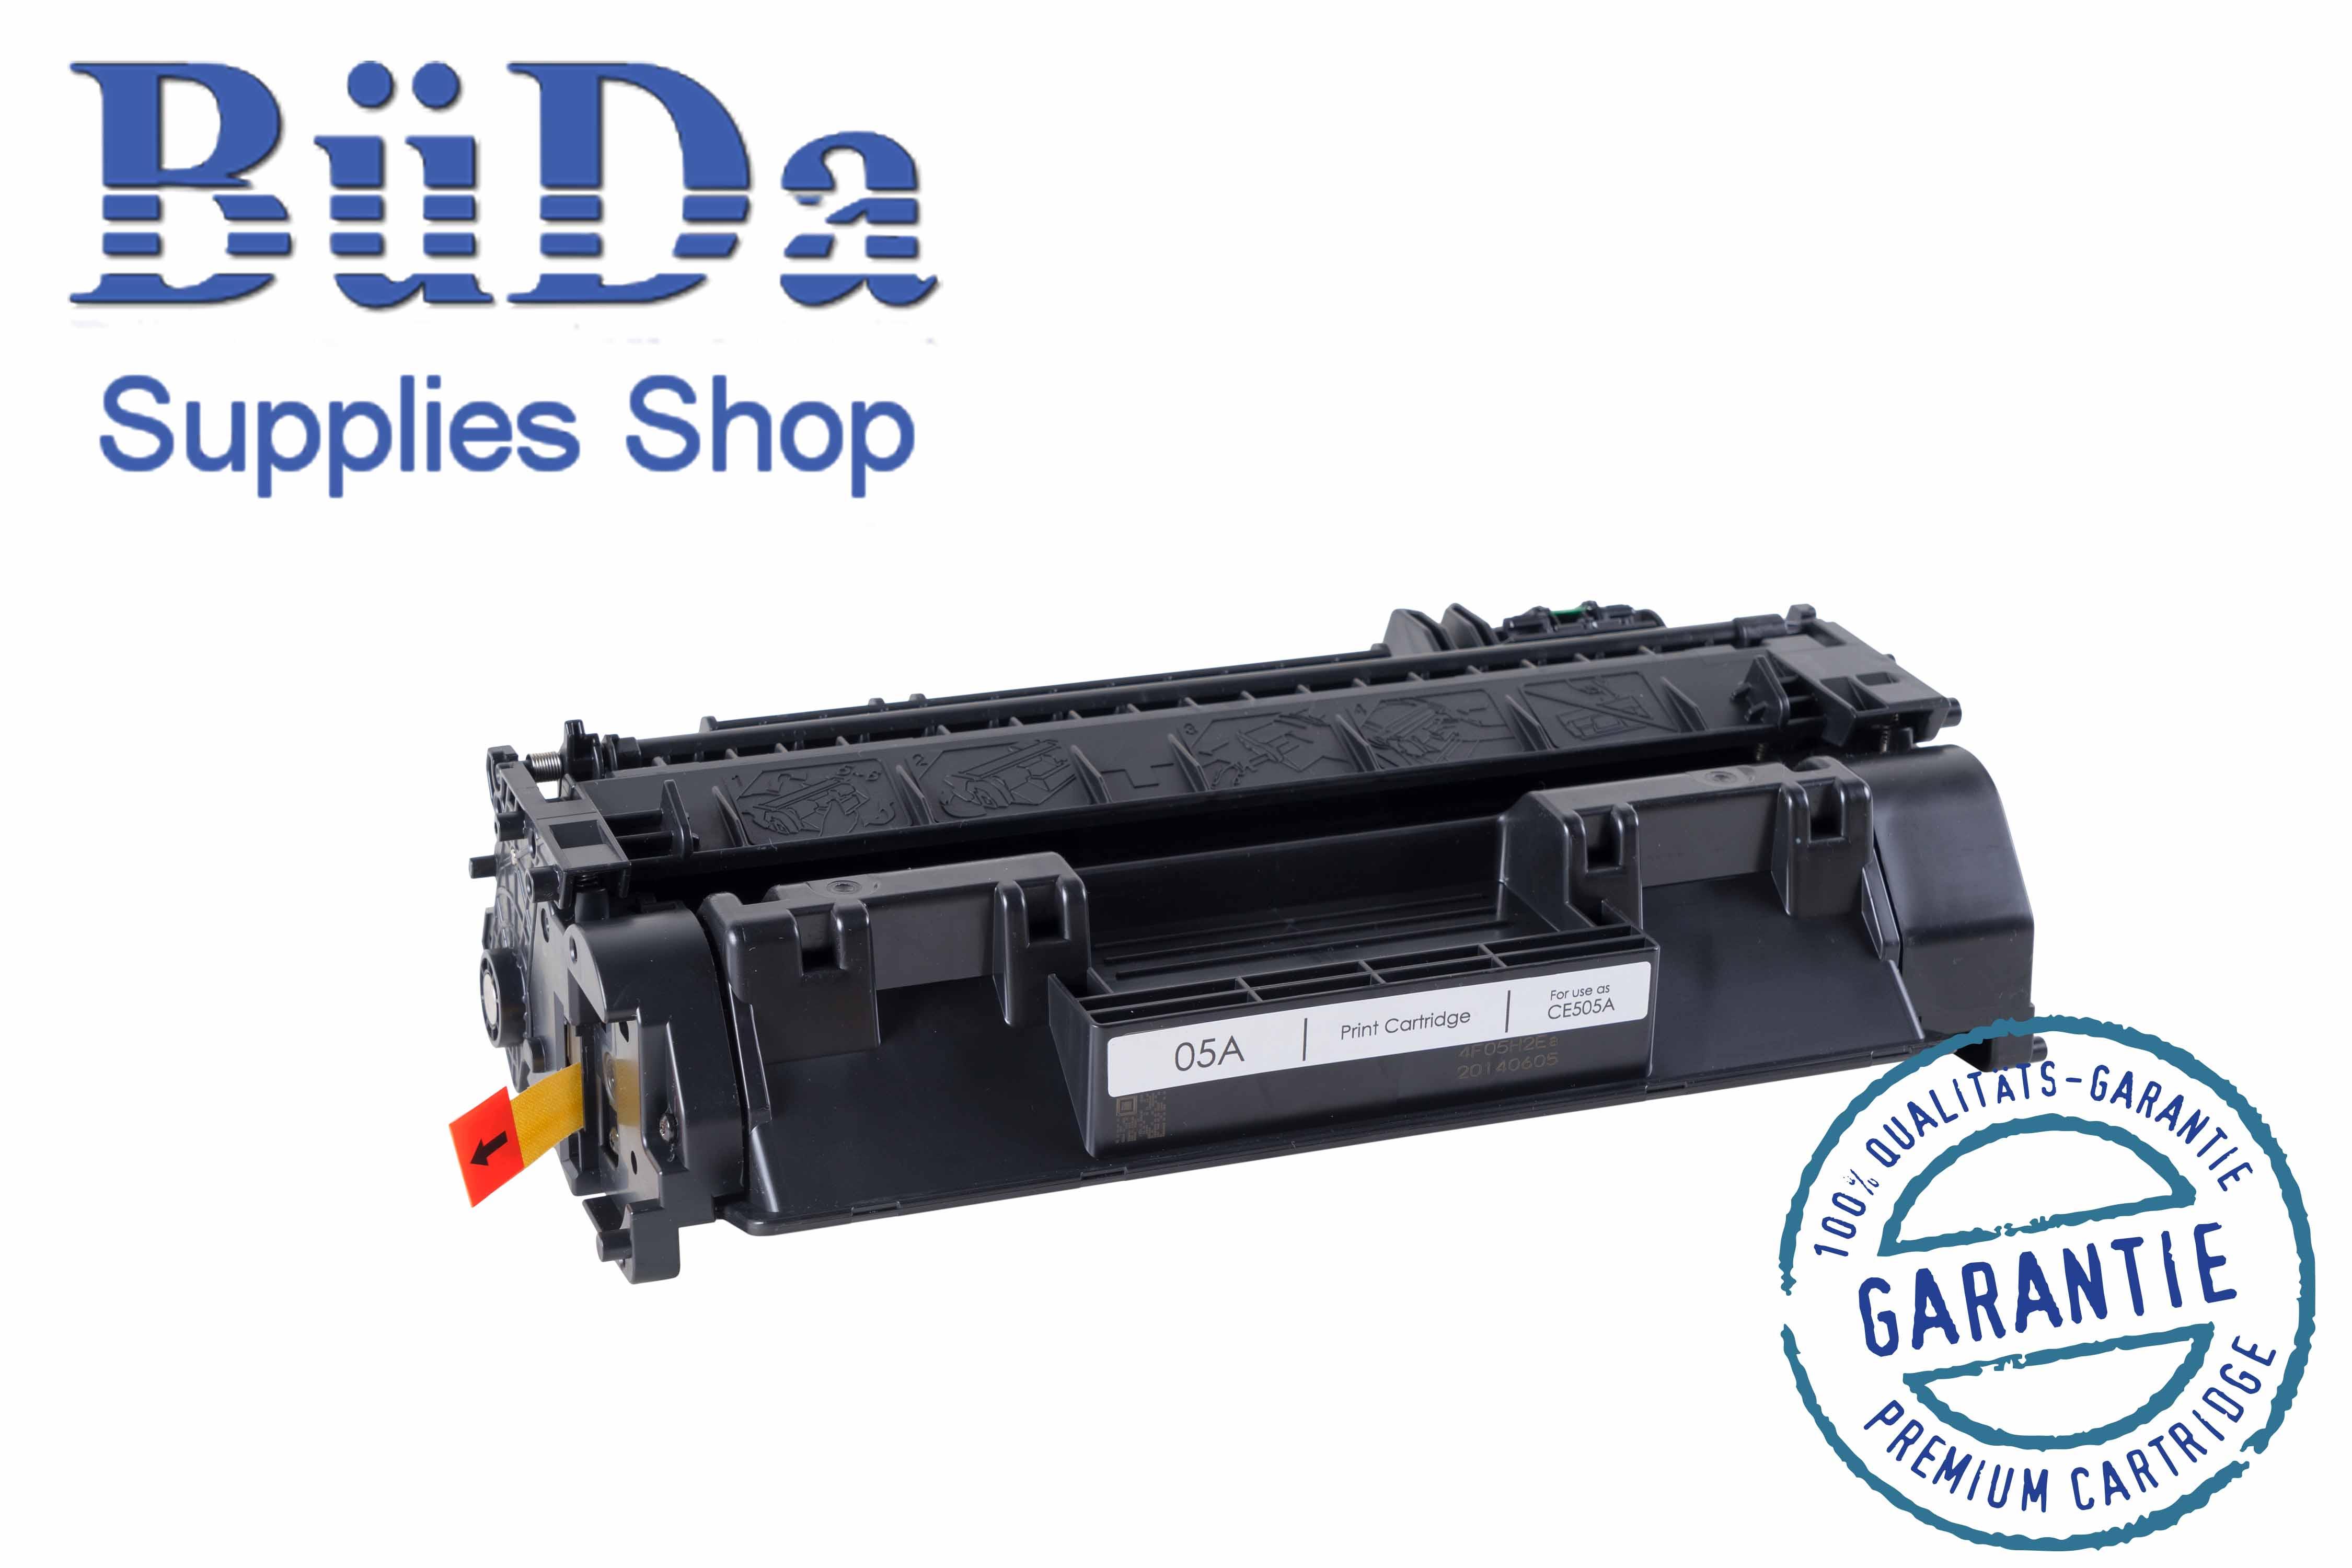 Toner-Modul komp. zu CE505A / Crt. 719 black 2300 Seiten